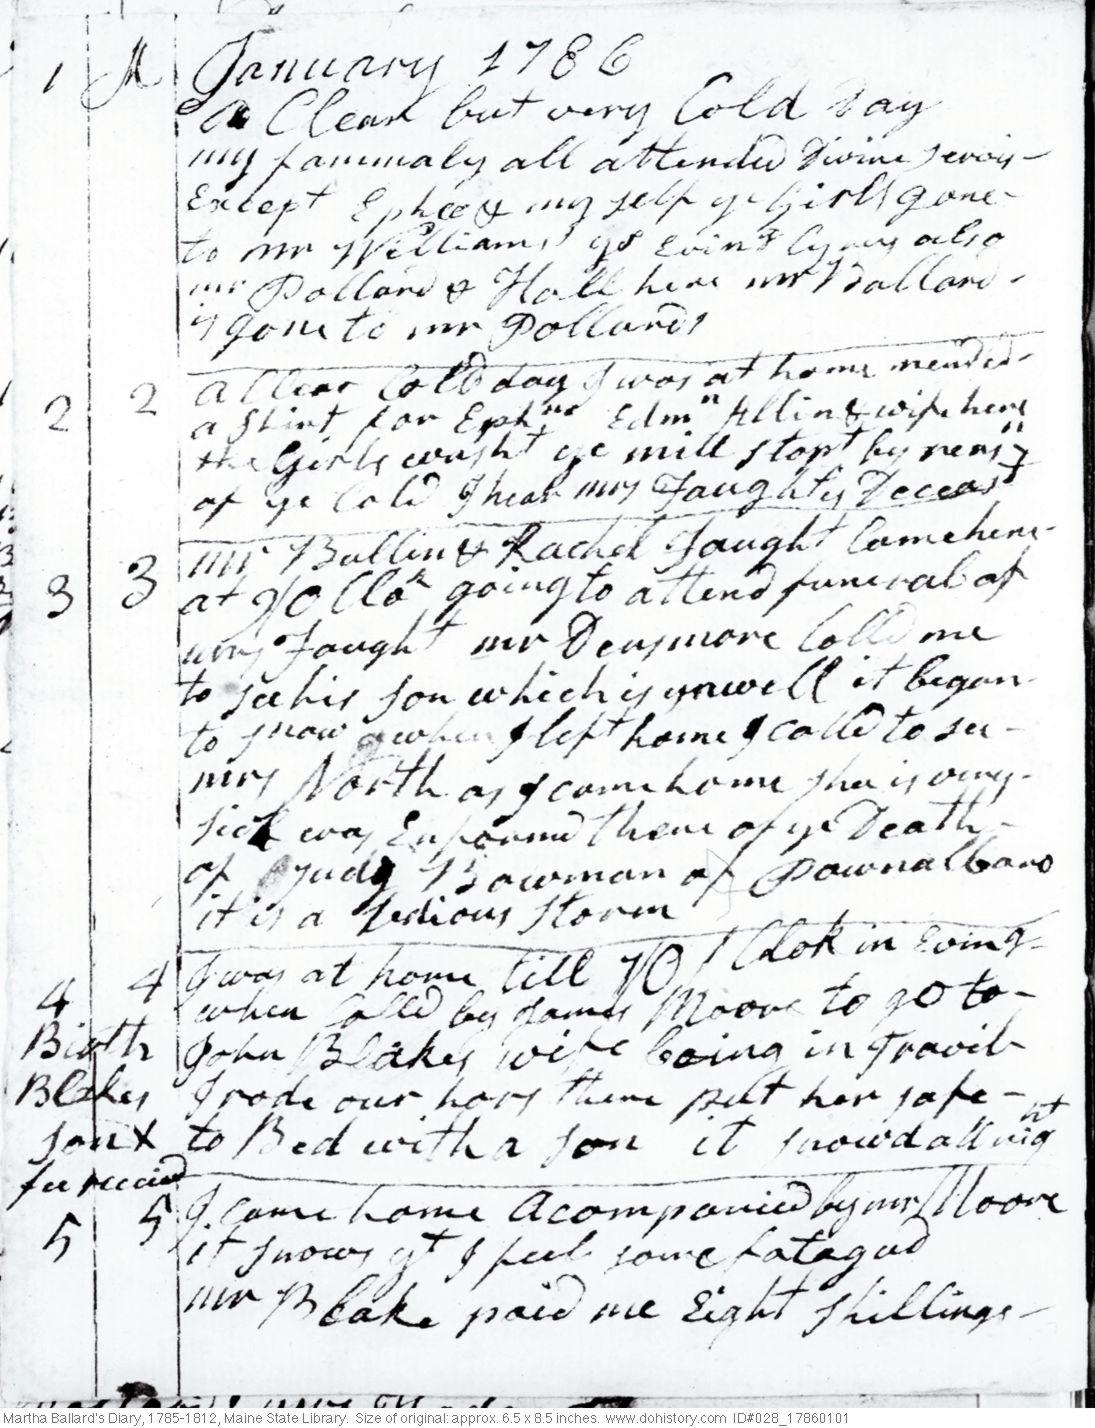 Martha Ballard's Diary, Jan. 1-5, 1786 (I)